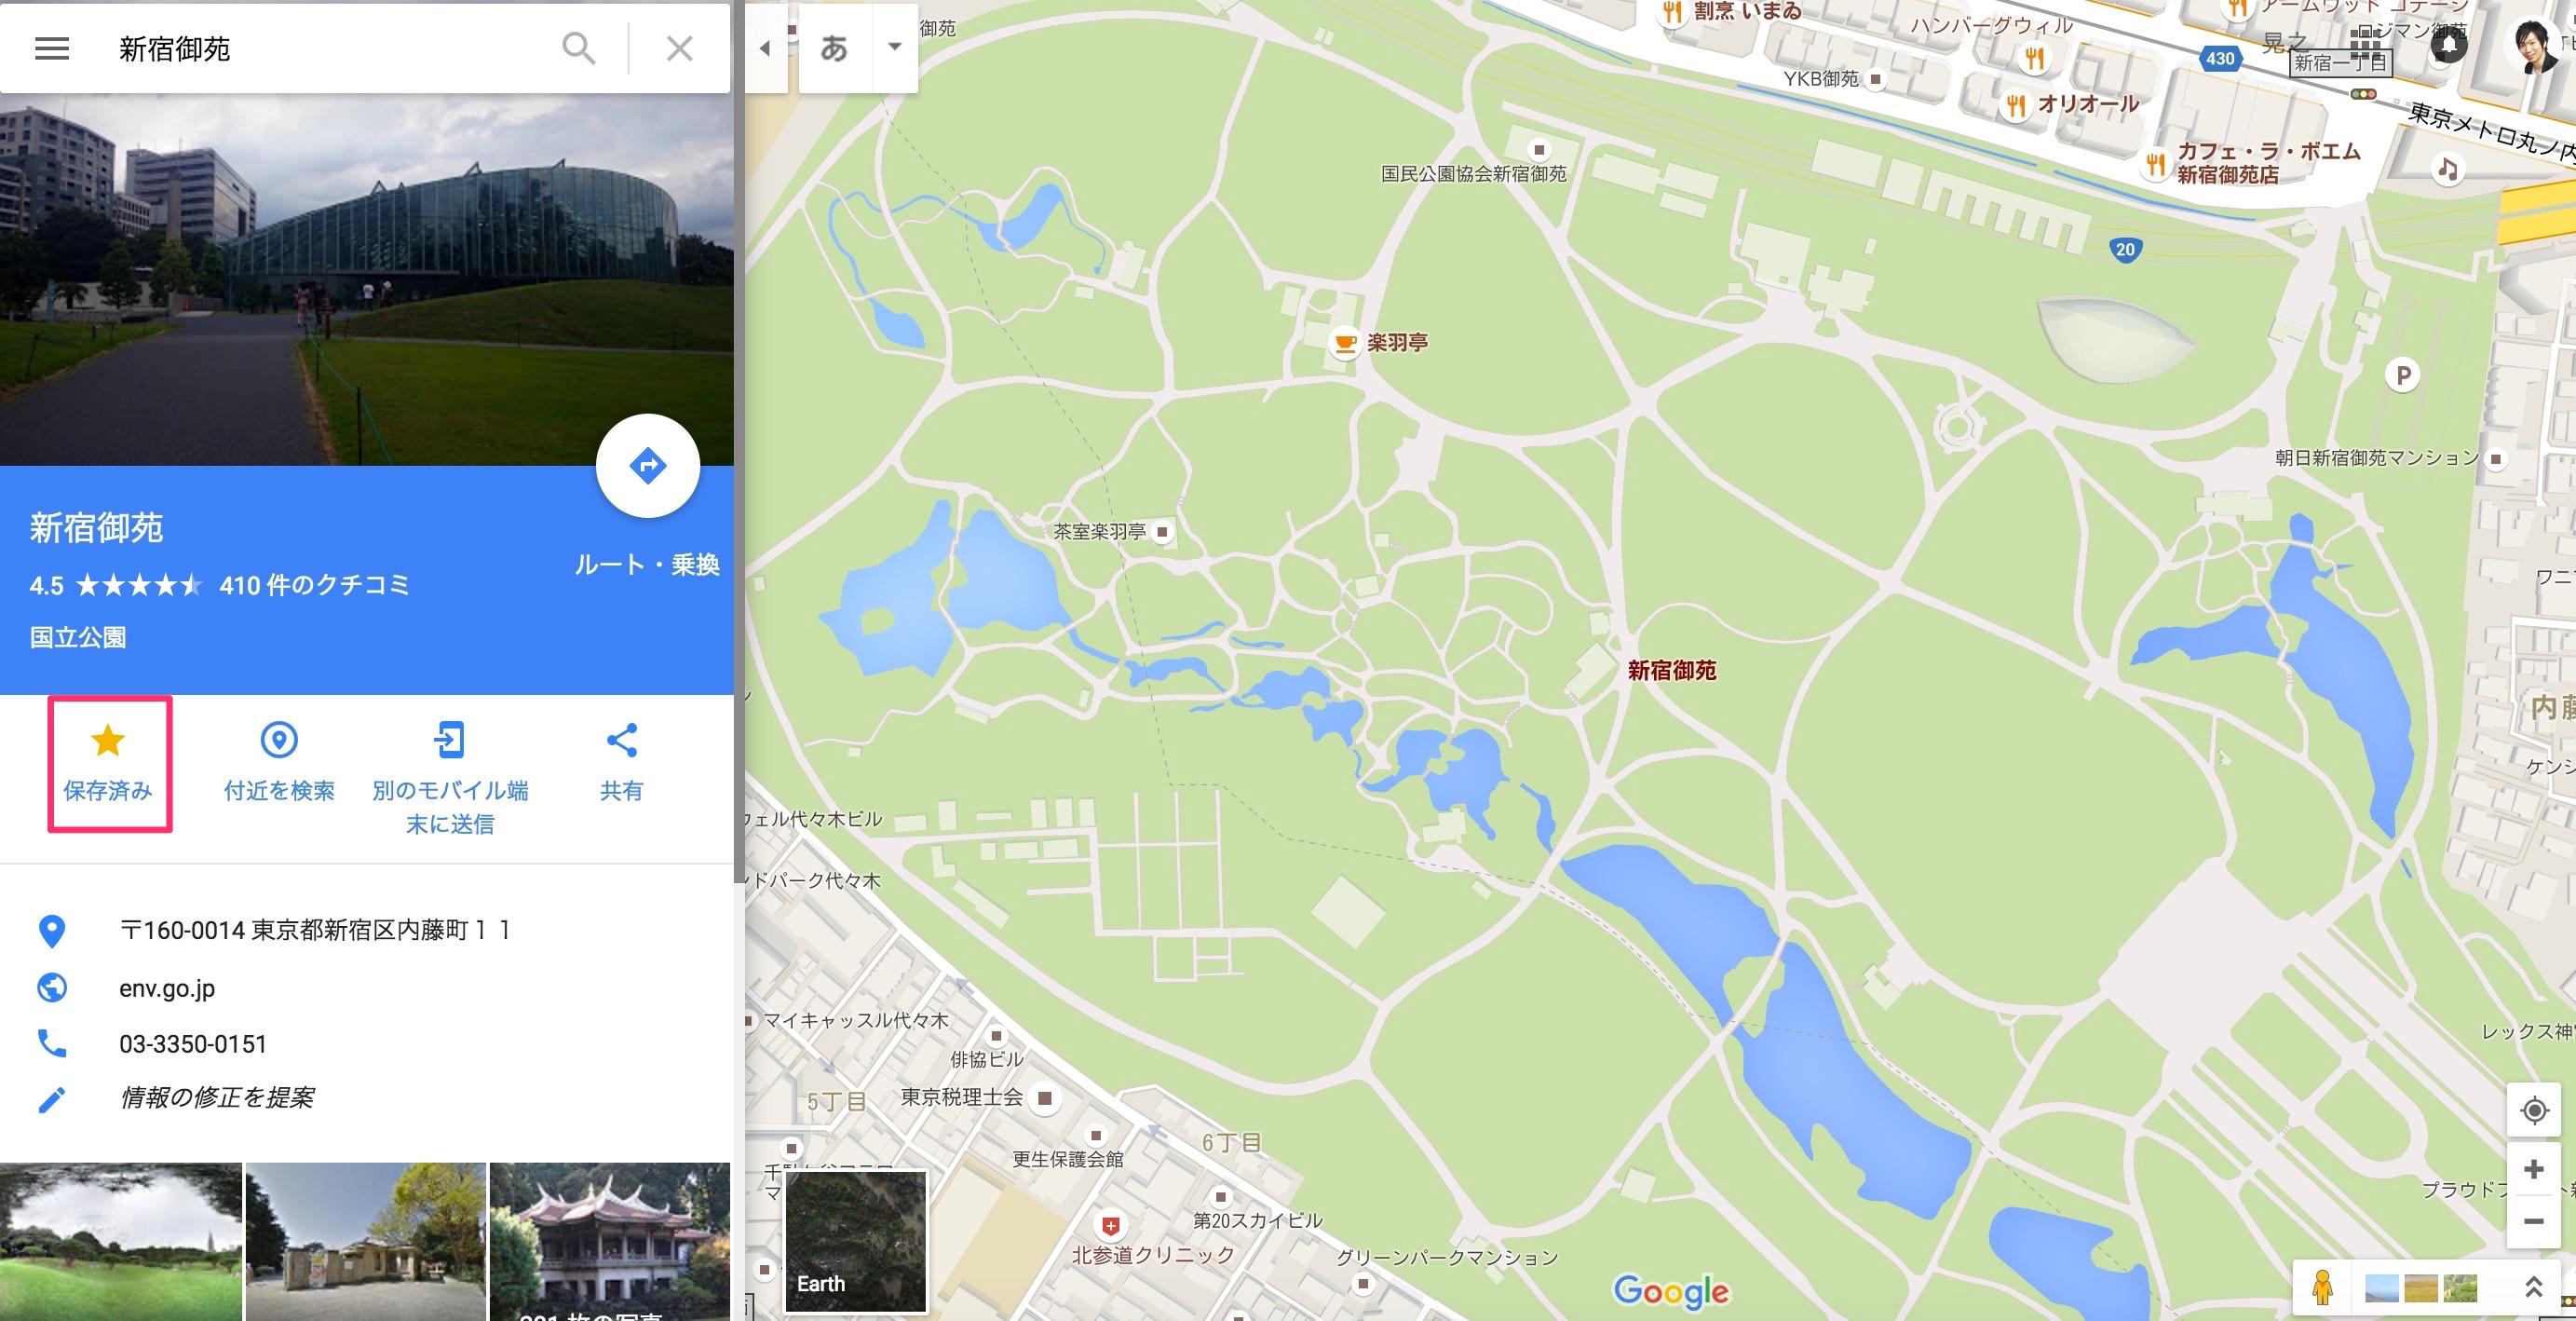 googlemapのマイプレイスの使い方11